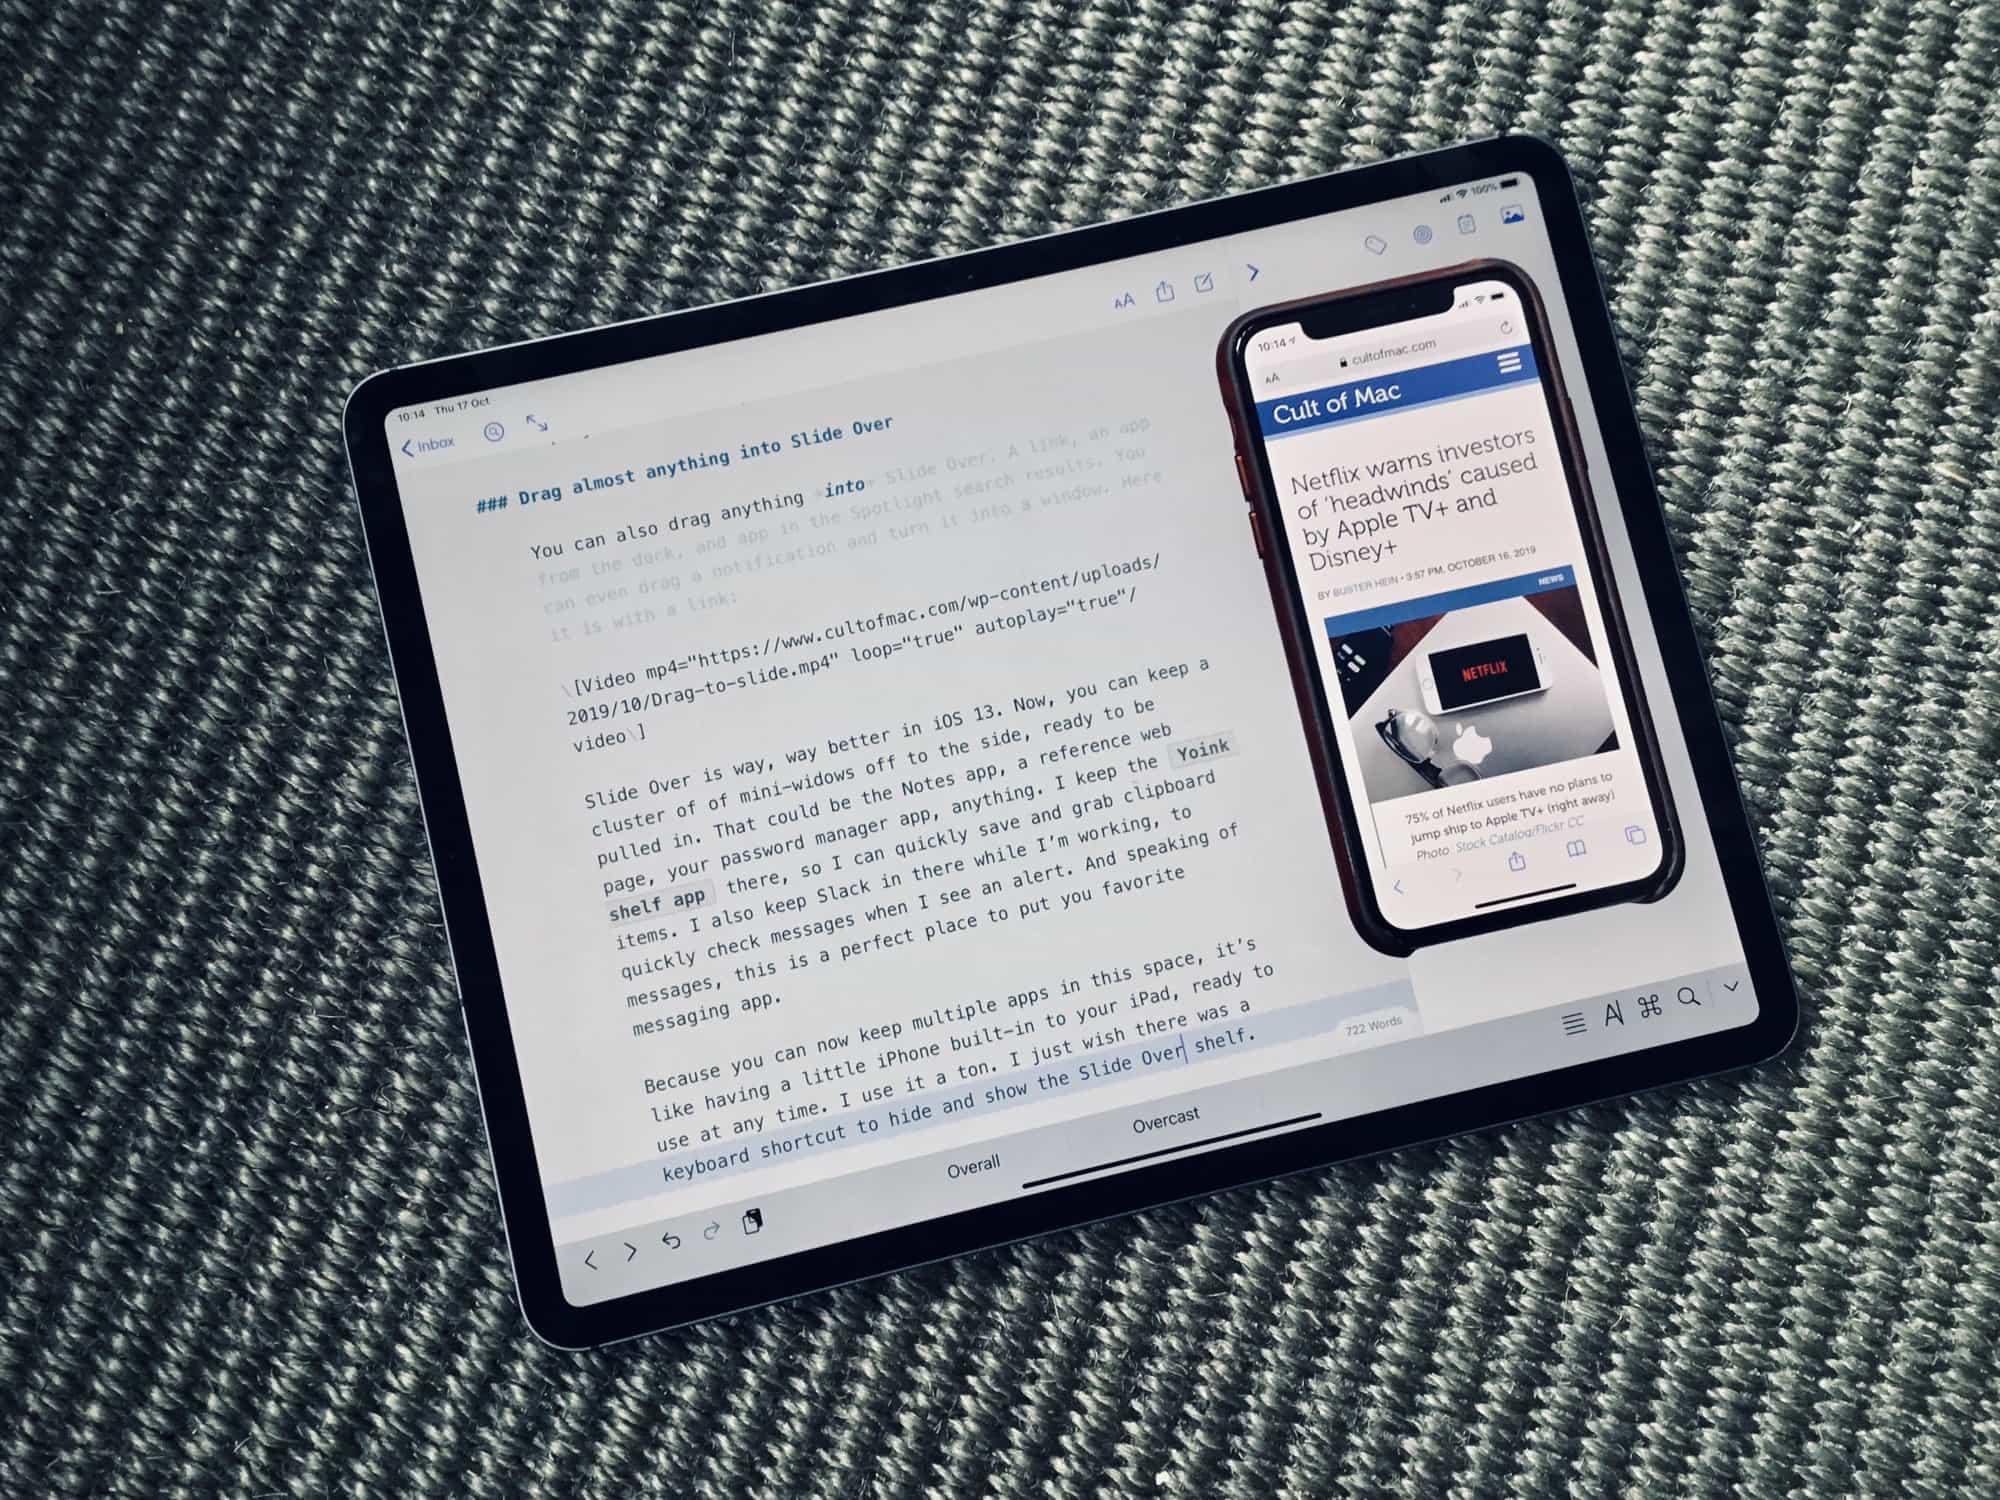 Las nuevas y potentes funciones Slide Over de iOS 13 lo hacen útil al fin